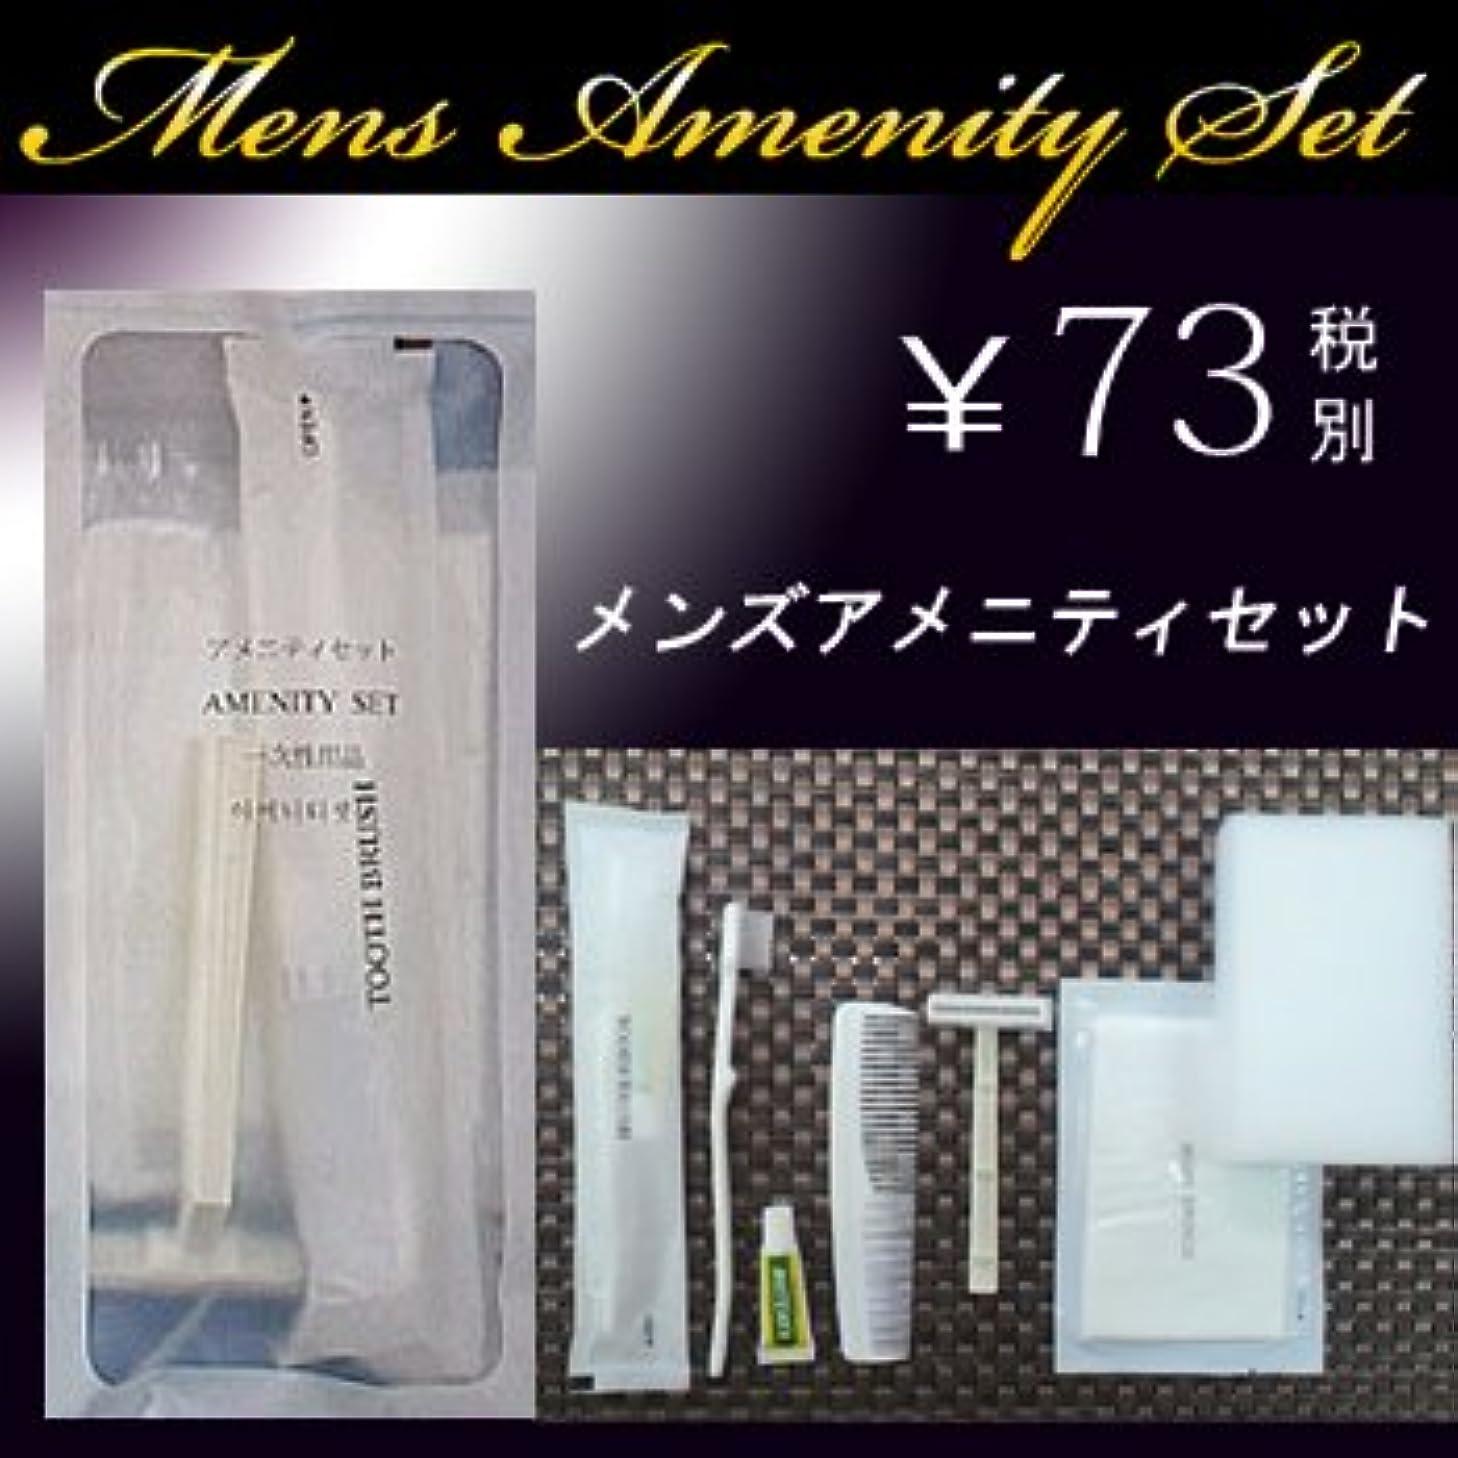 禁止するヘクタール広告メンズアメニティフルセット袋入(1セット300個入)